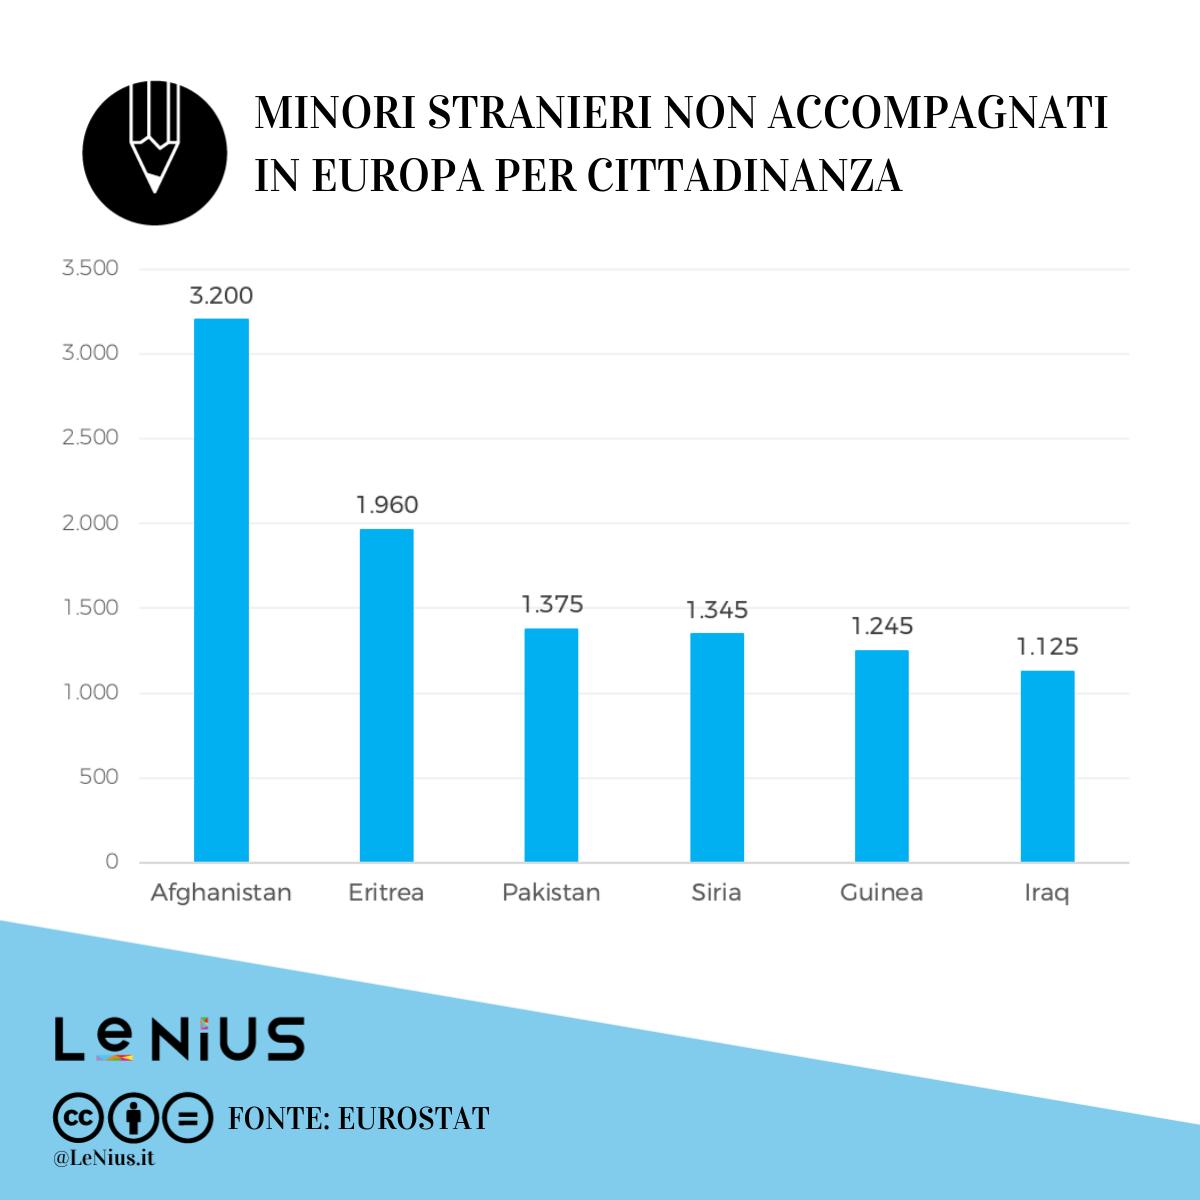 msna in europa